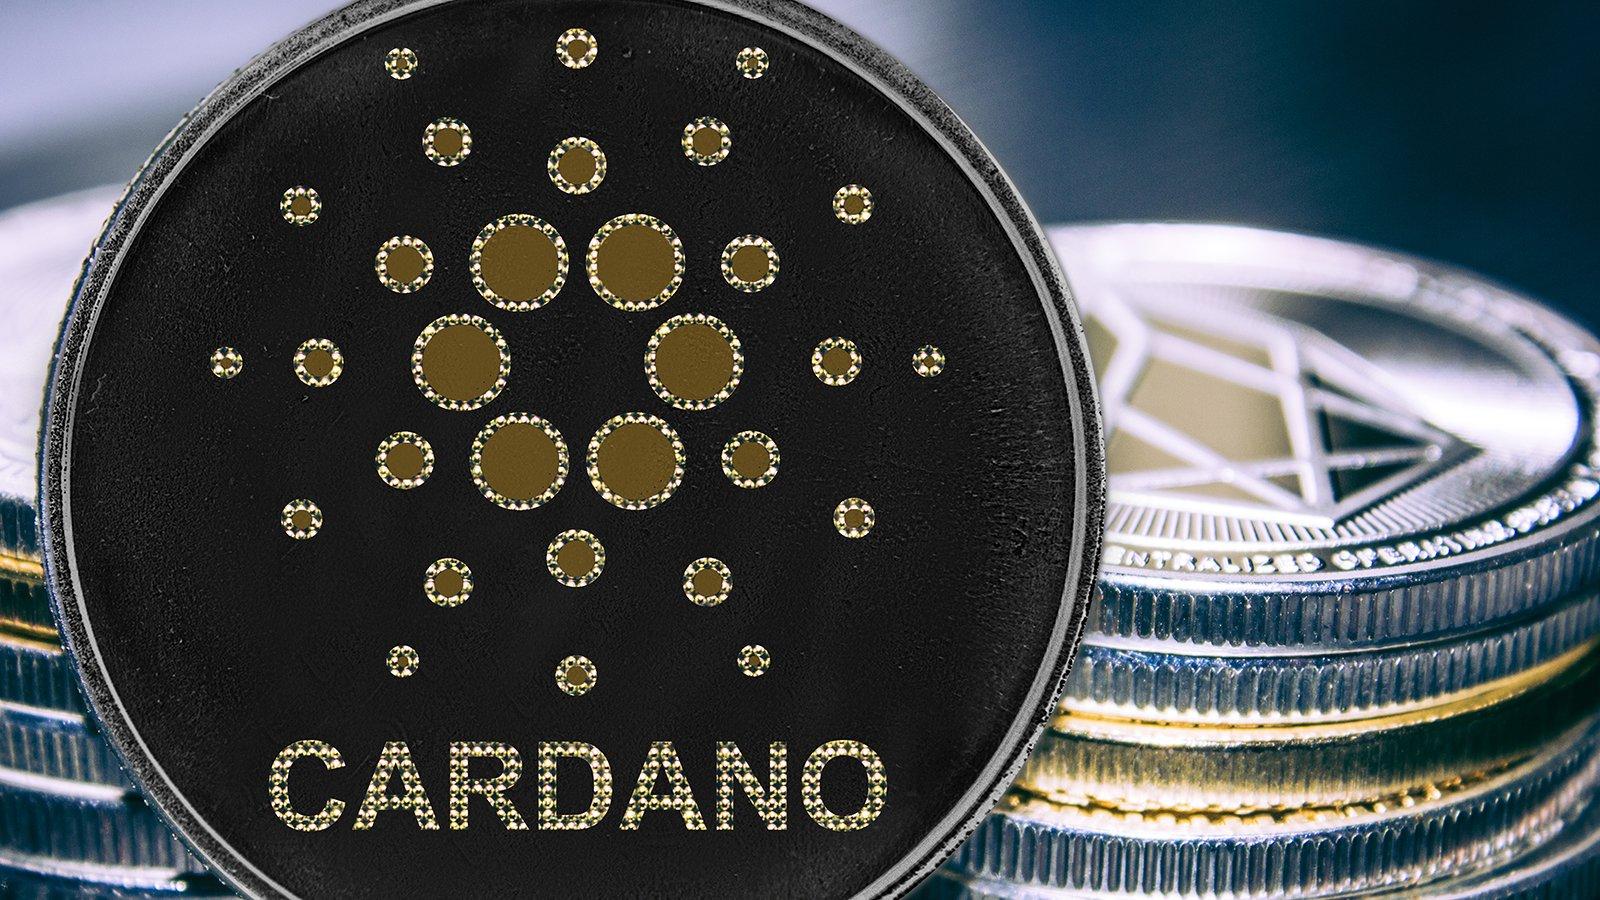 Estimados fanáticos de Cardano Crypto: Marquen sus calendarios para una gran actualización de contratos inteligentes el 12 de septiembre